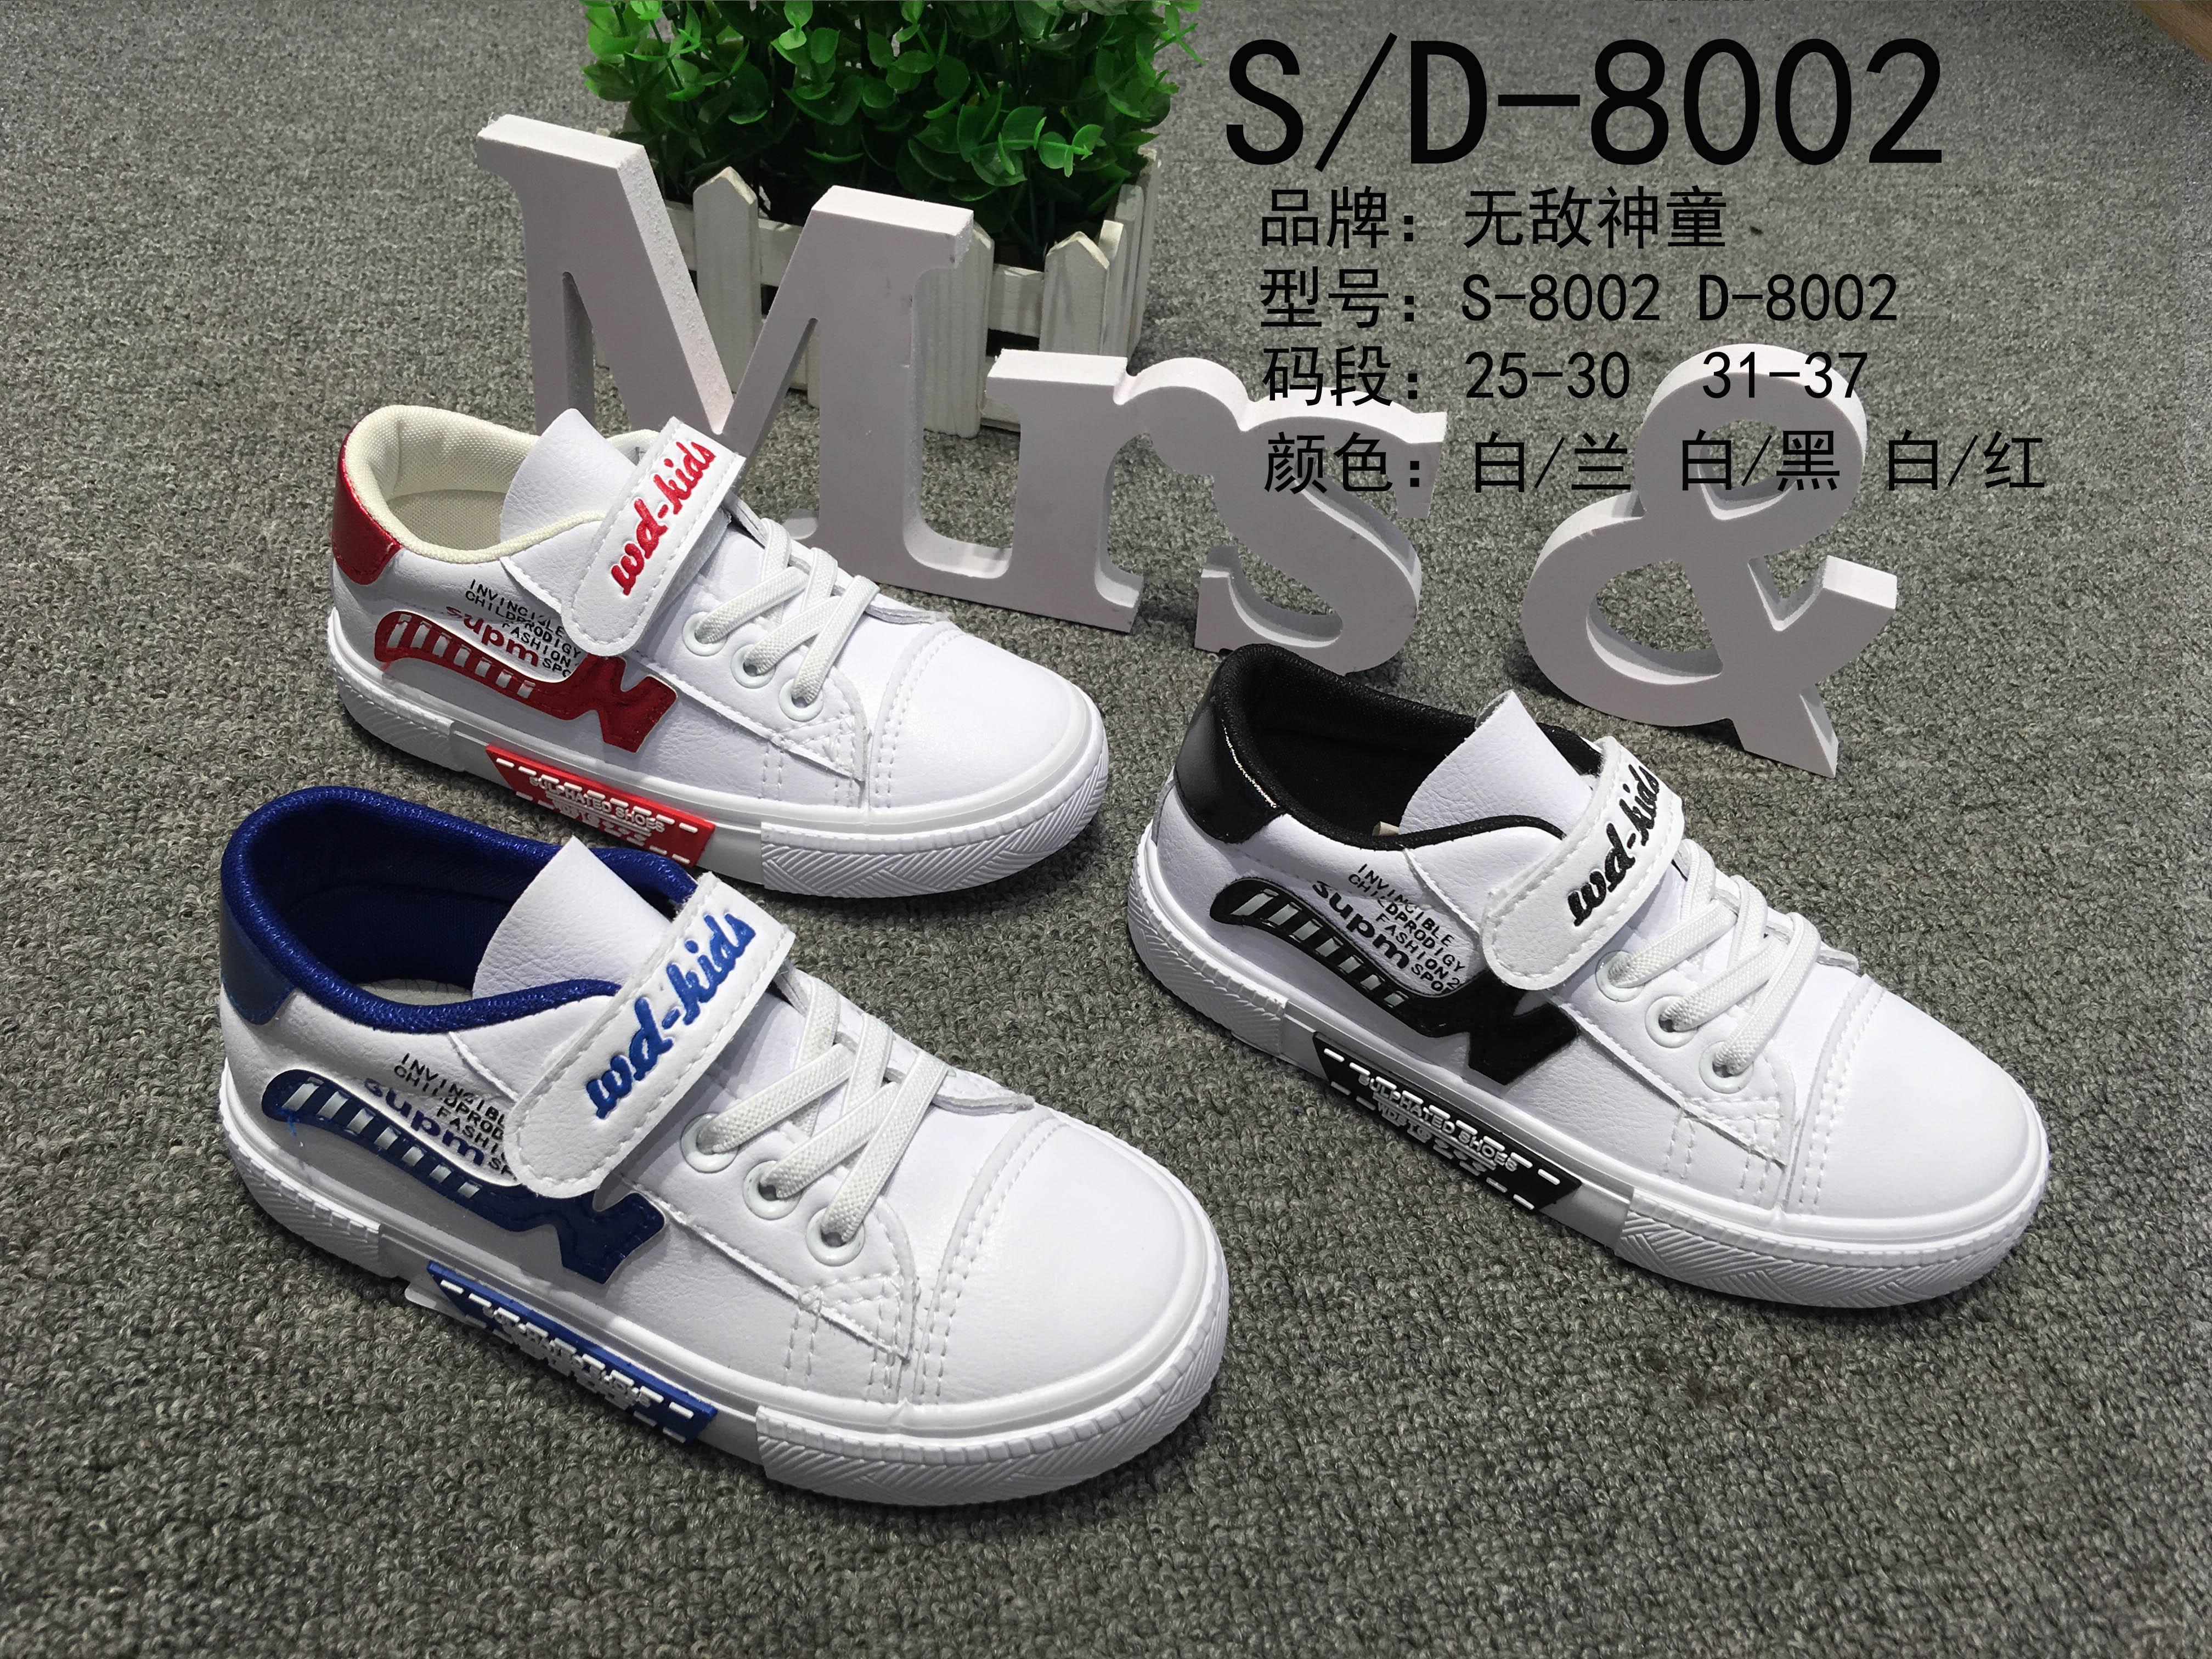 S-D-8002